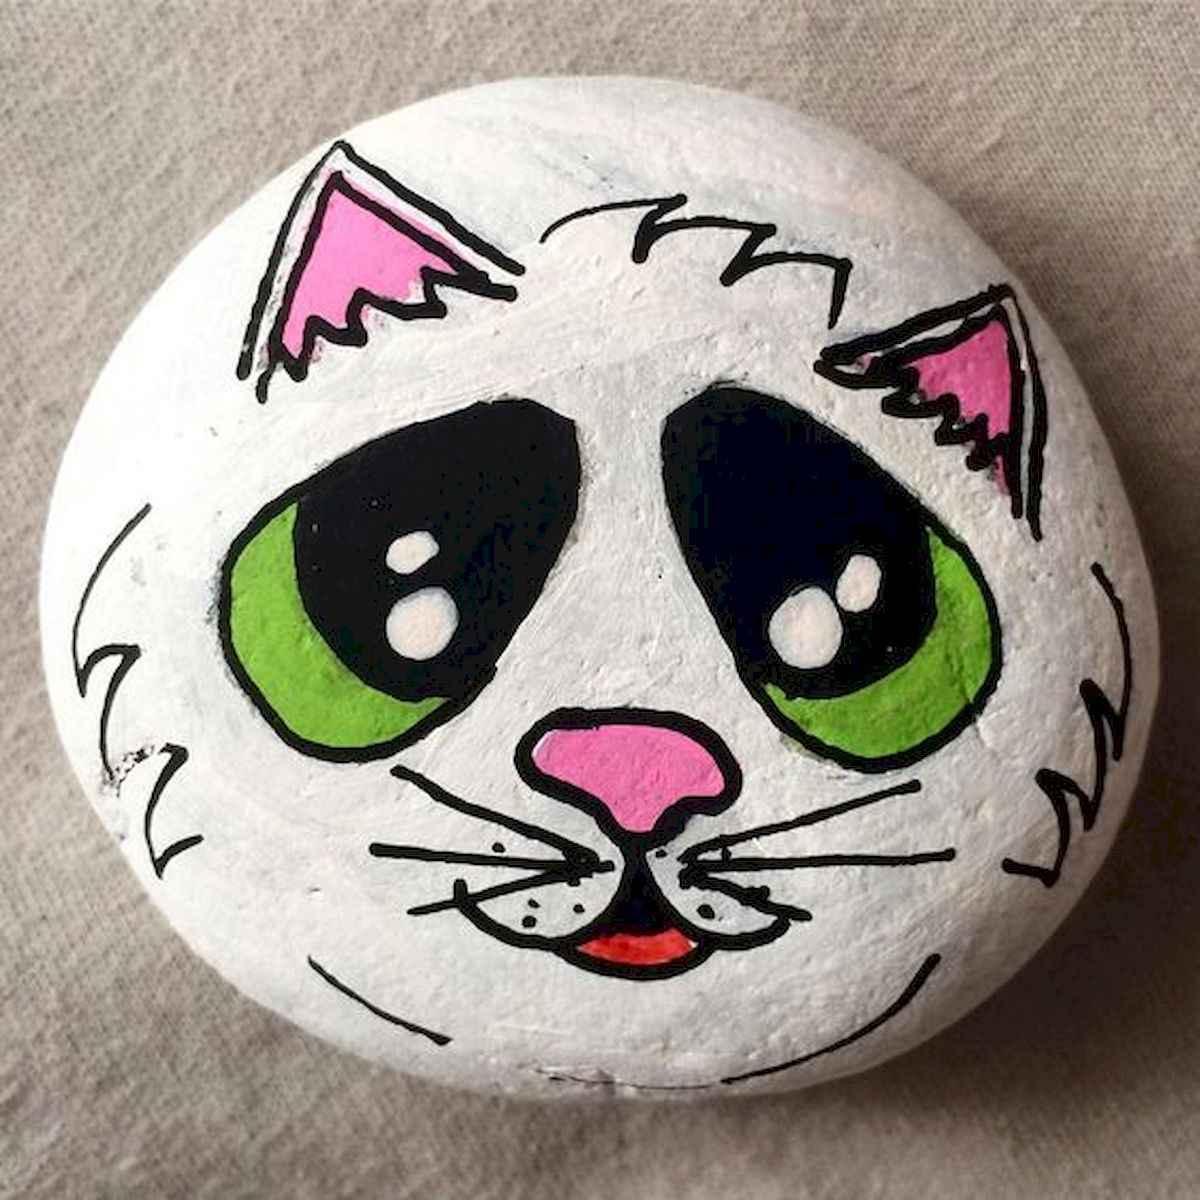 50 Inspiring DIY Painted Rocks Animals Cats for Summer Ideas (6)